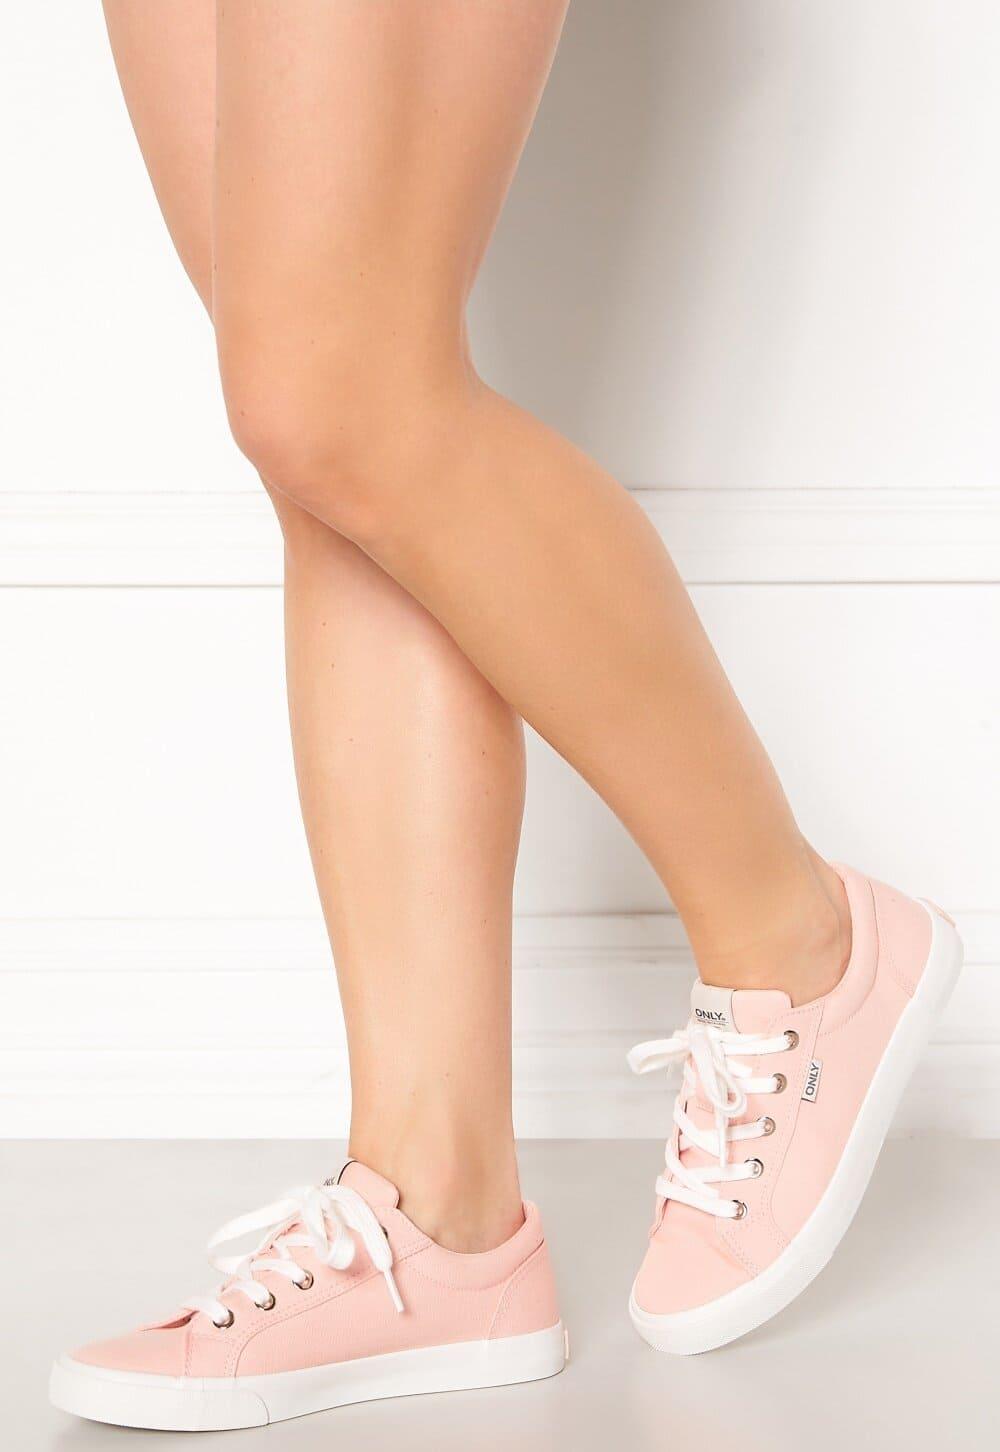 Rosa, tygsneakers i klassisk modell 2021